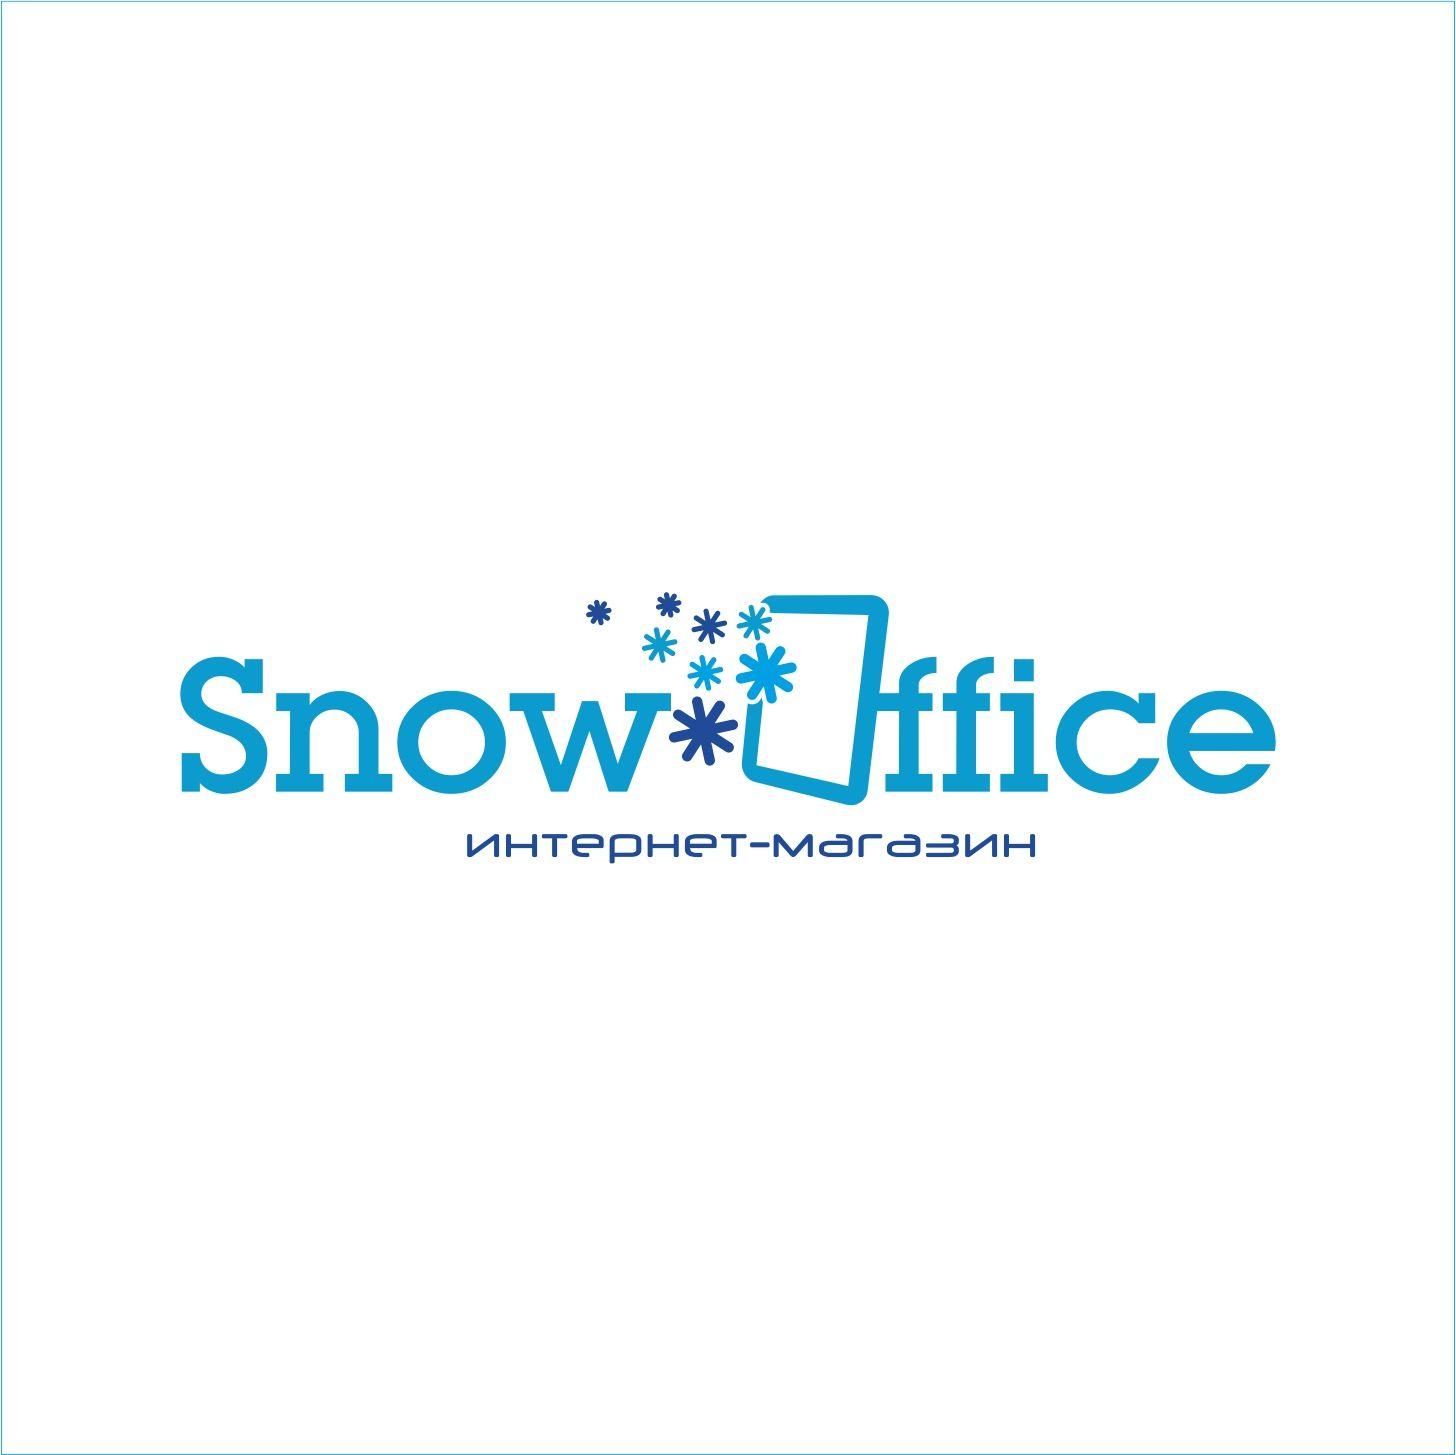 Лого и фирменный стиль для интернет-магазина - дизайнер Stan_9